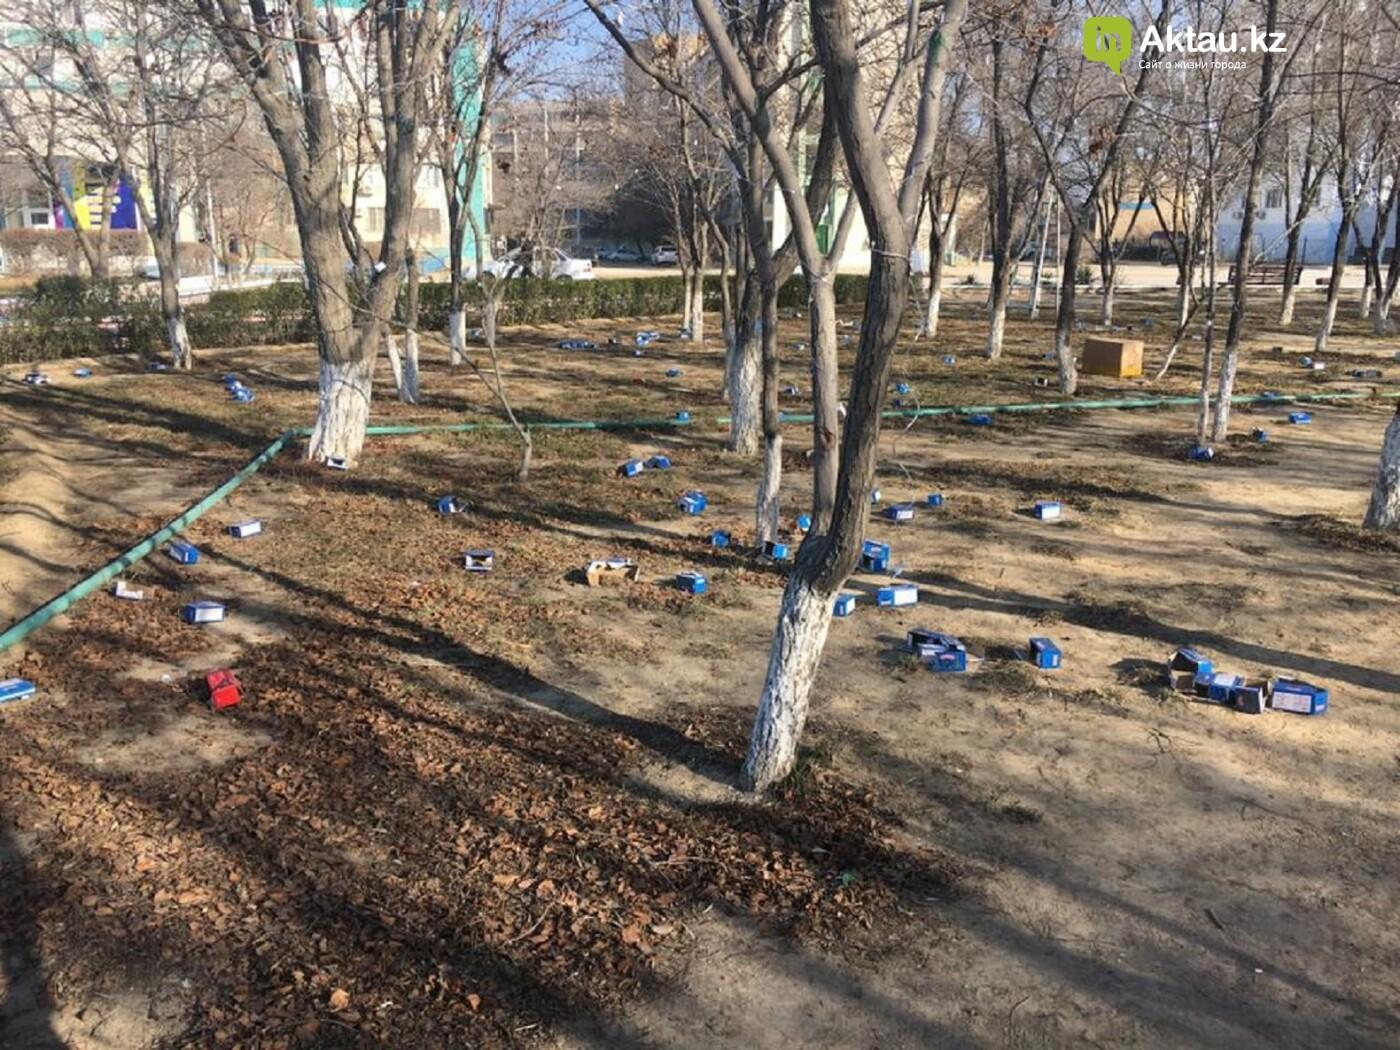 В Актау началась подготовка города к Новому году, фото-4